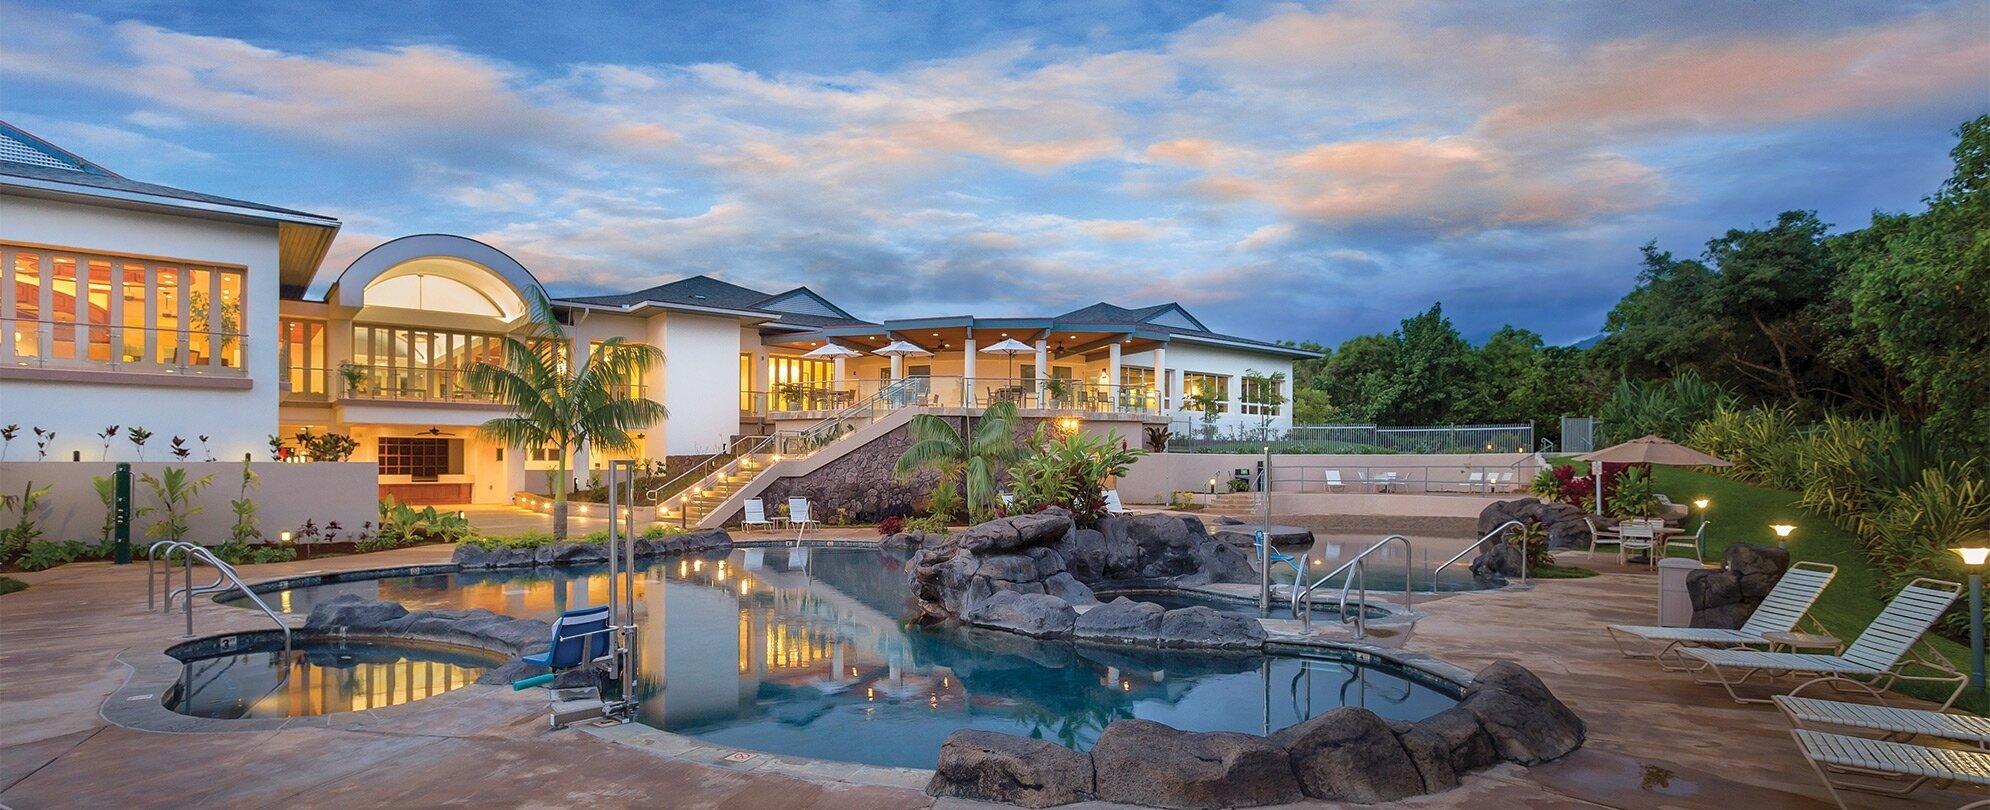 Wyndham Bali Hai Villas in Princeville, HI